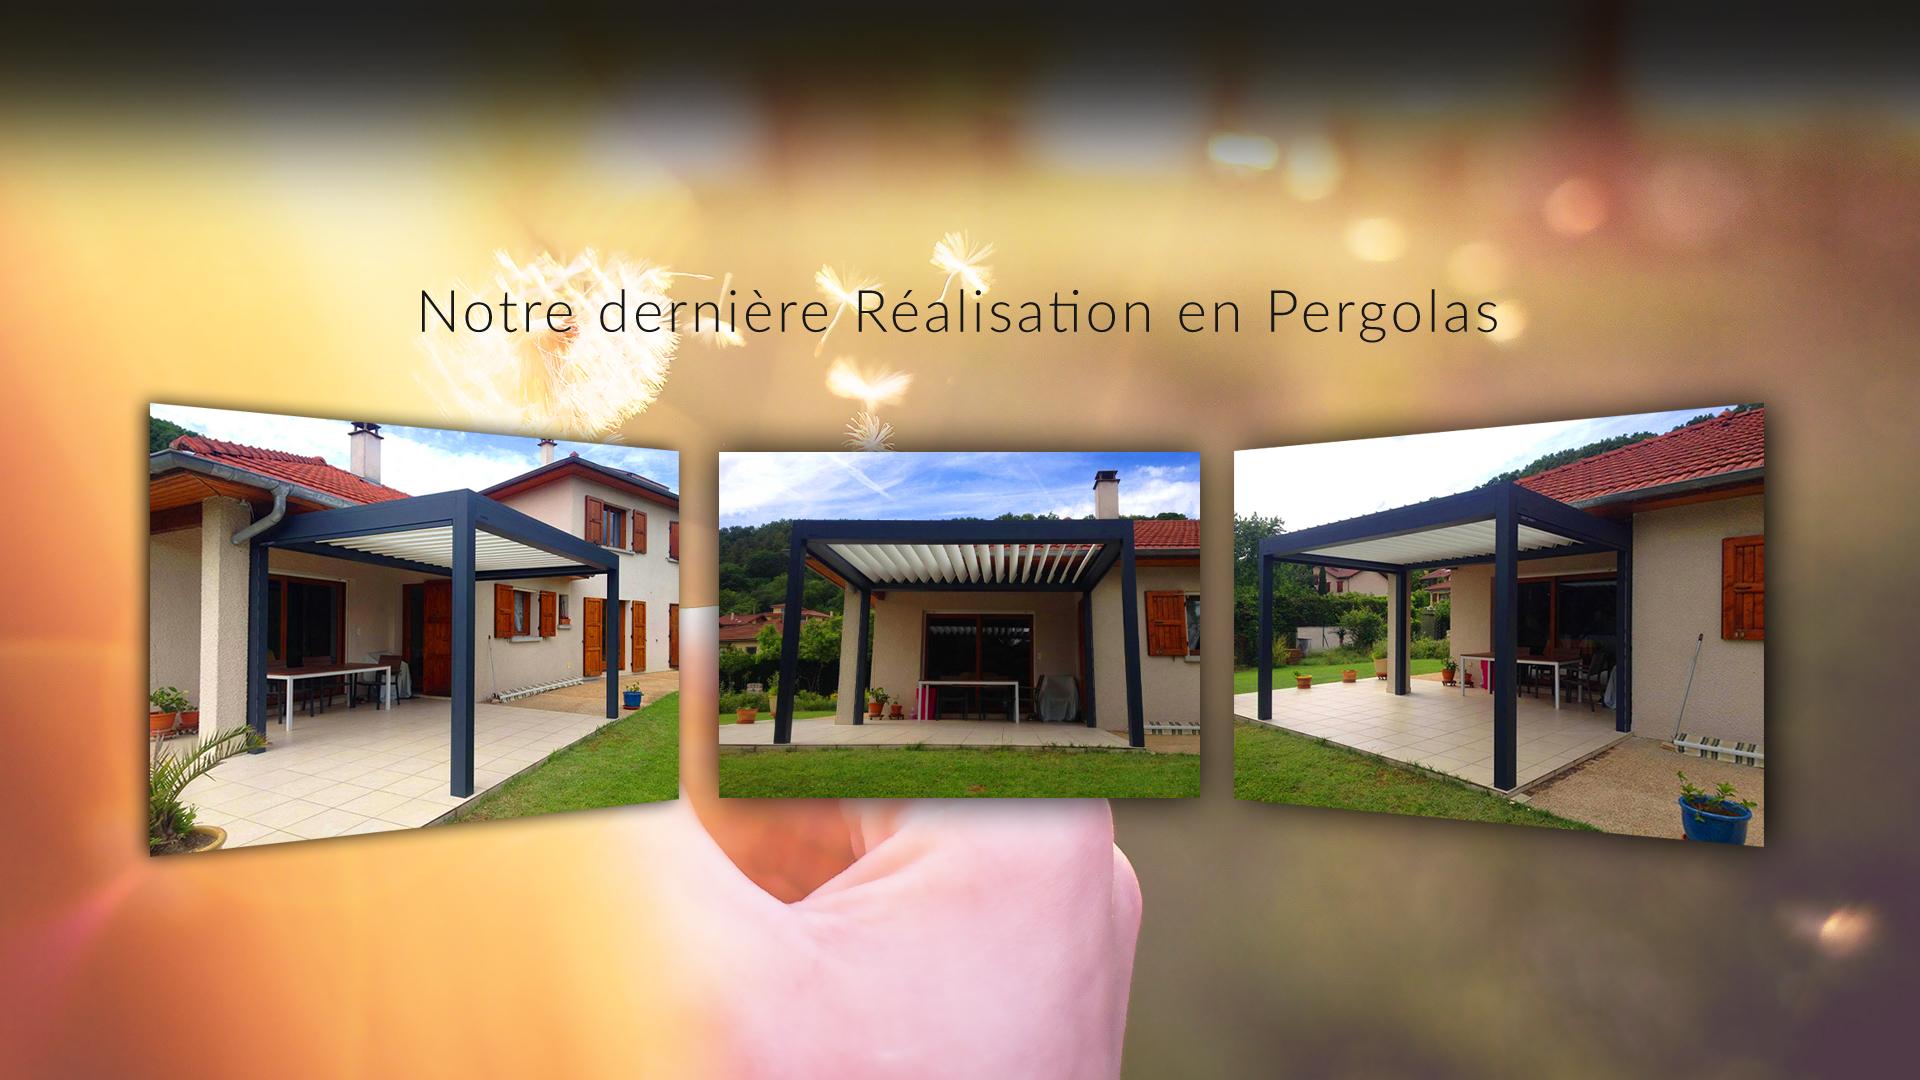 Réalisation 01 Cogne - Fenêtres, fermetures et menuiserie Saint-Sauvert (Isère)